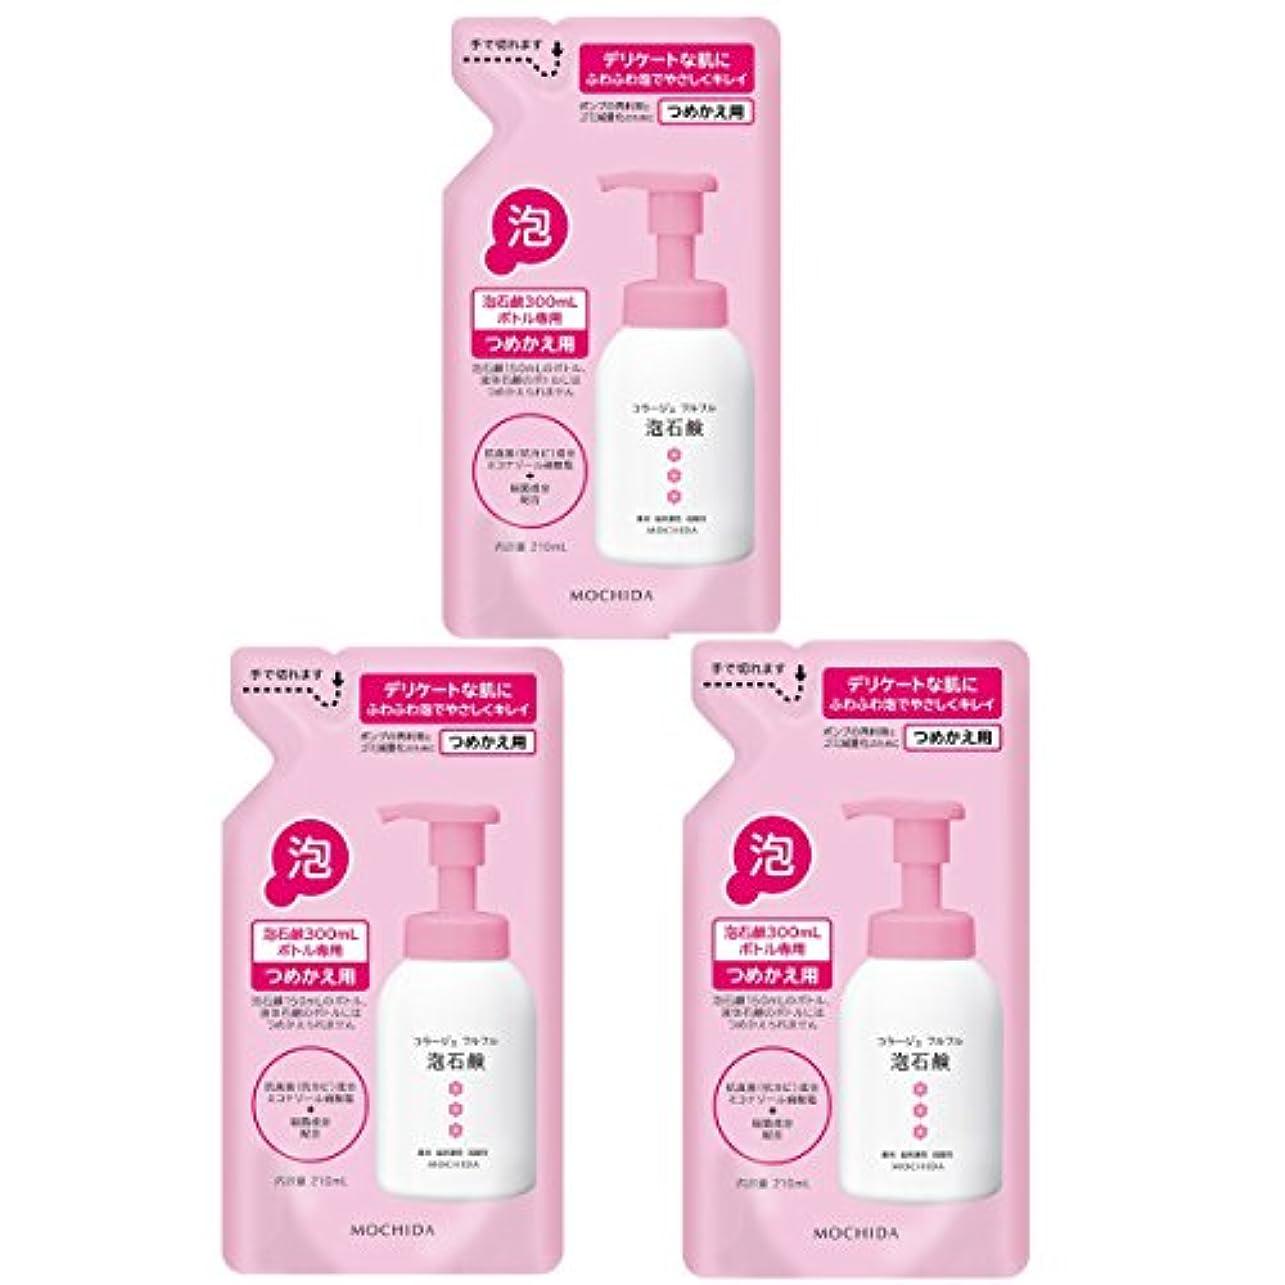 破壊的構成ベーコンコラージュフルフル 泡石鹸 ピンク つめかえ用 210mL (医薬部外品)×3